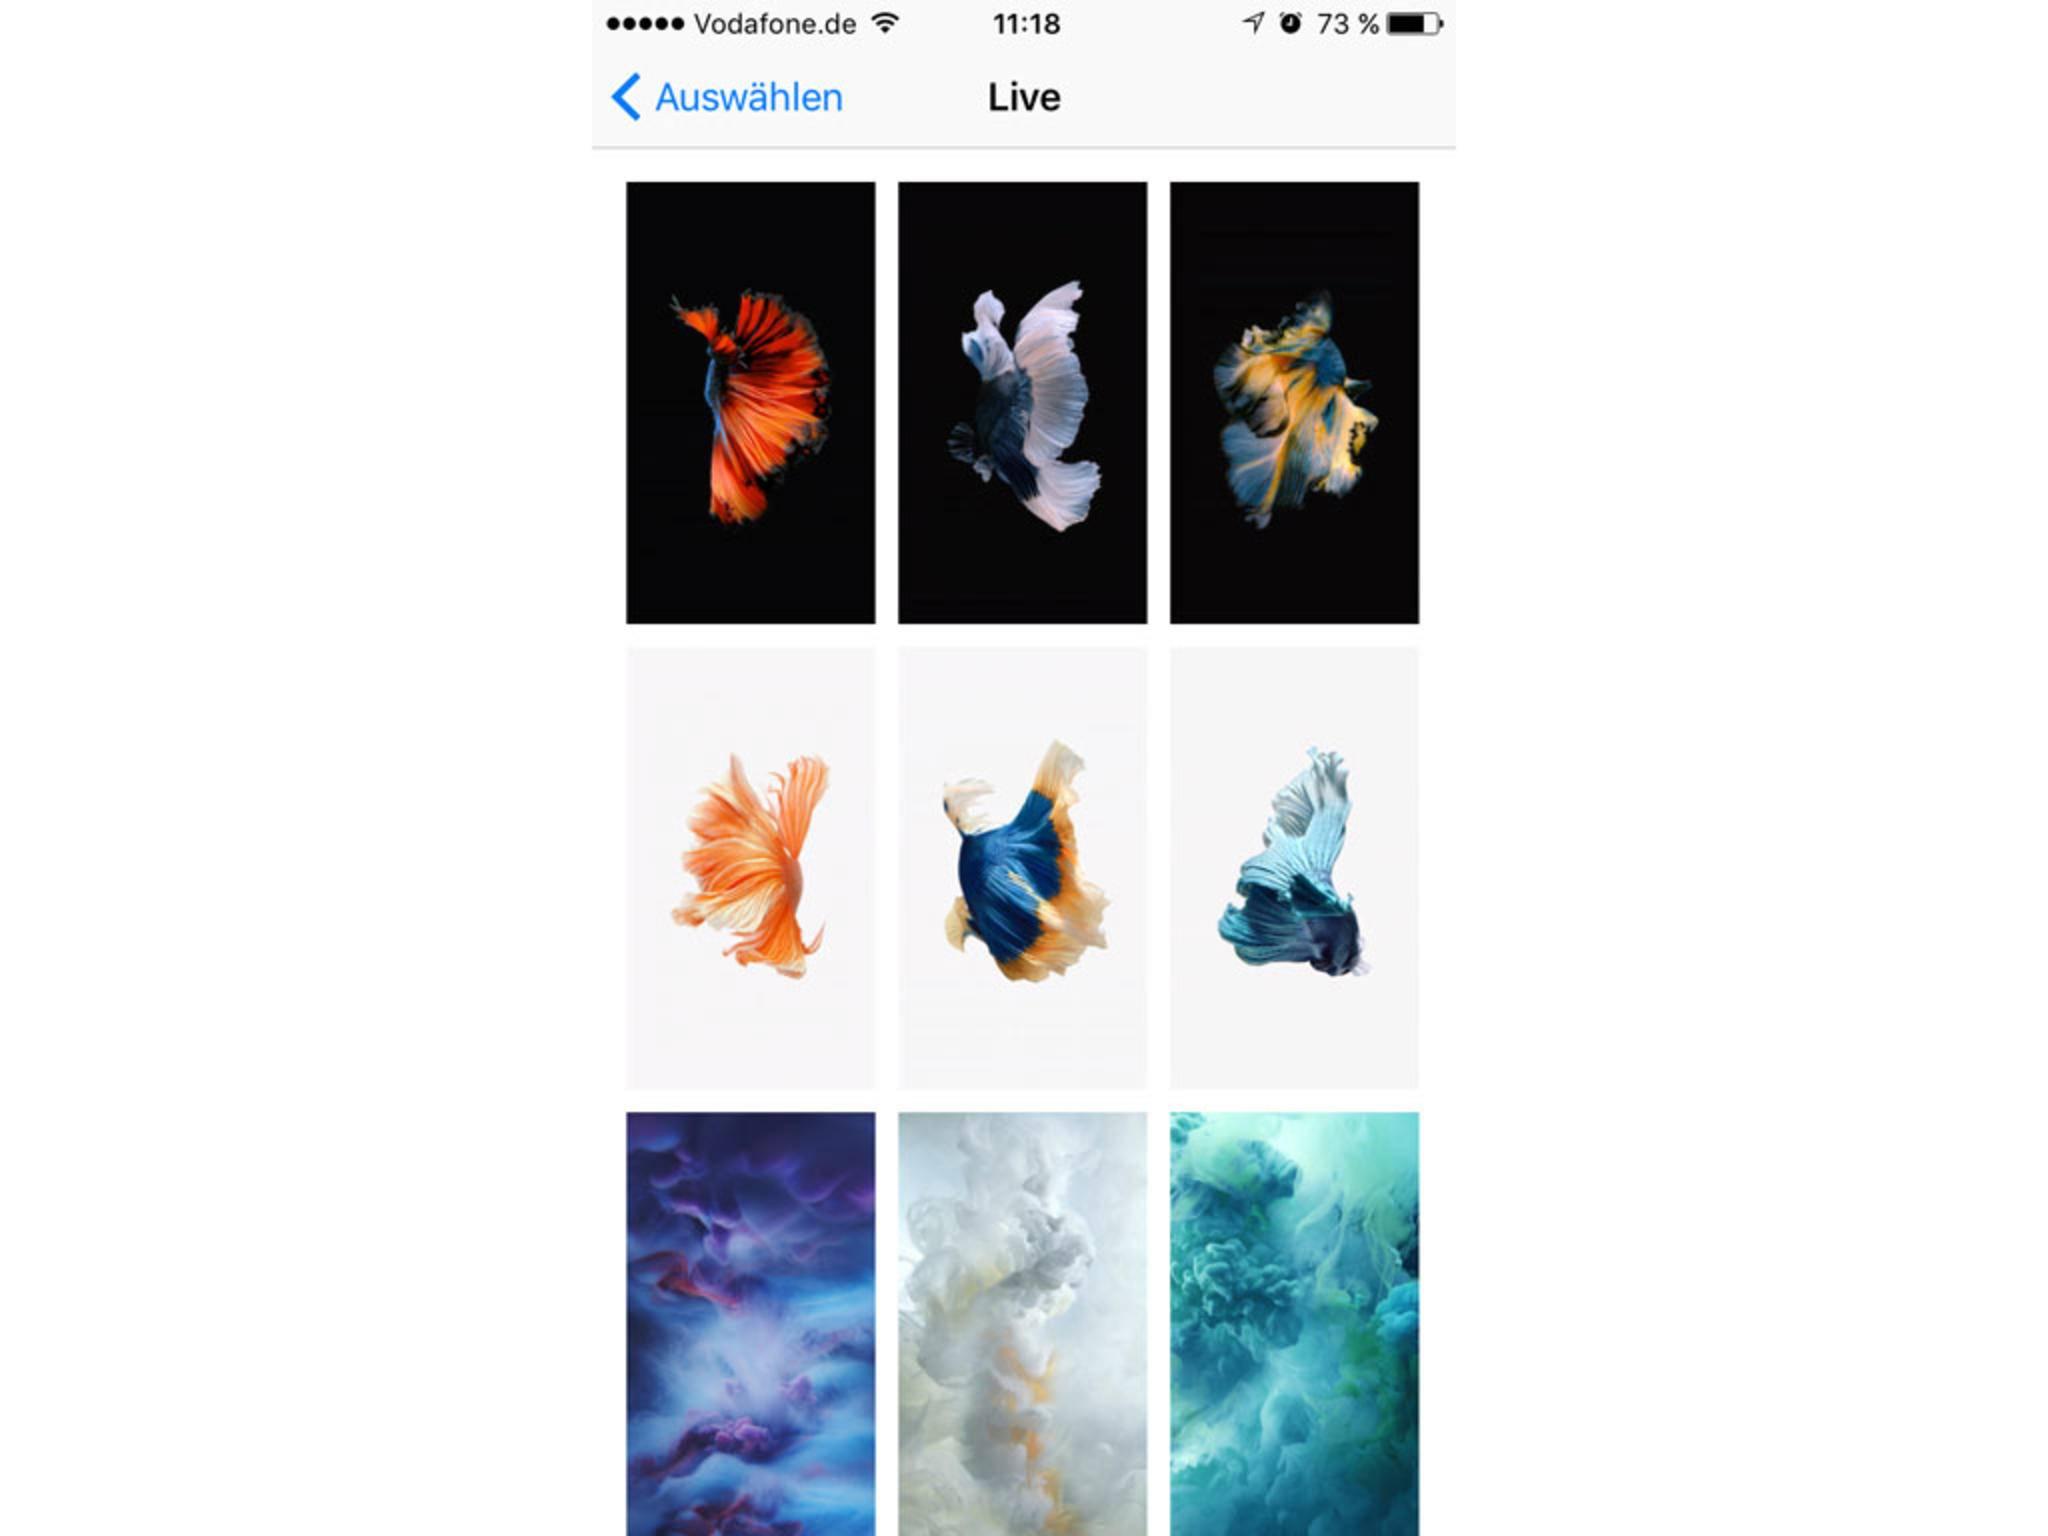 Live Photos lassen sich als Hintergrundbild nutzen, auch selbstaufgenommene Bilder.